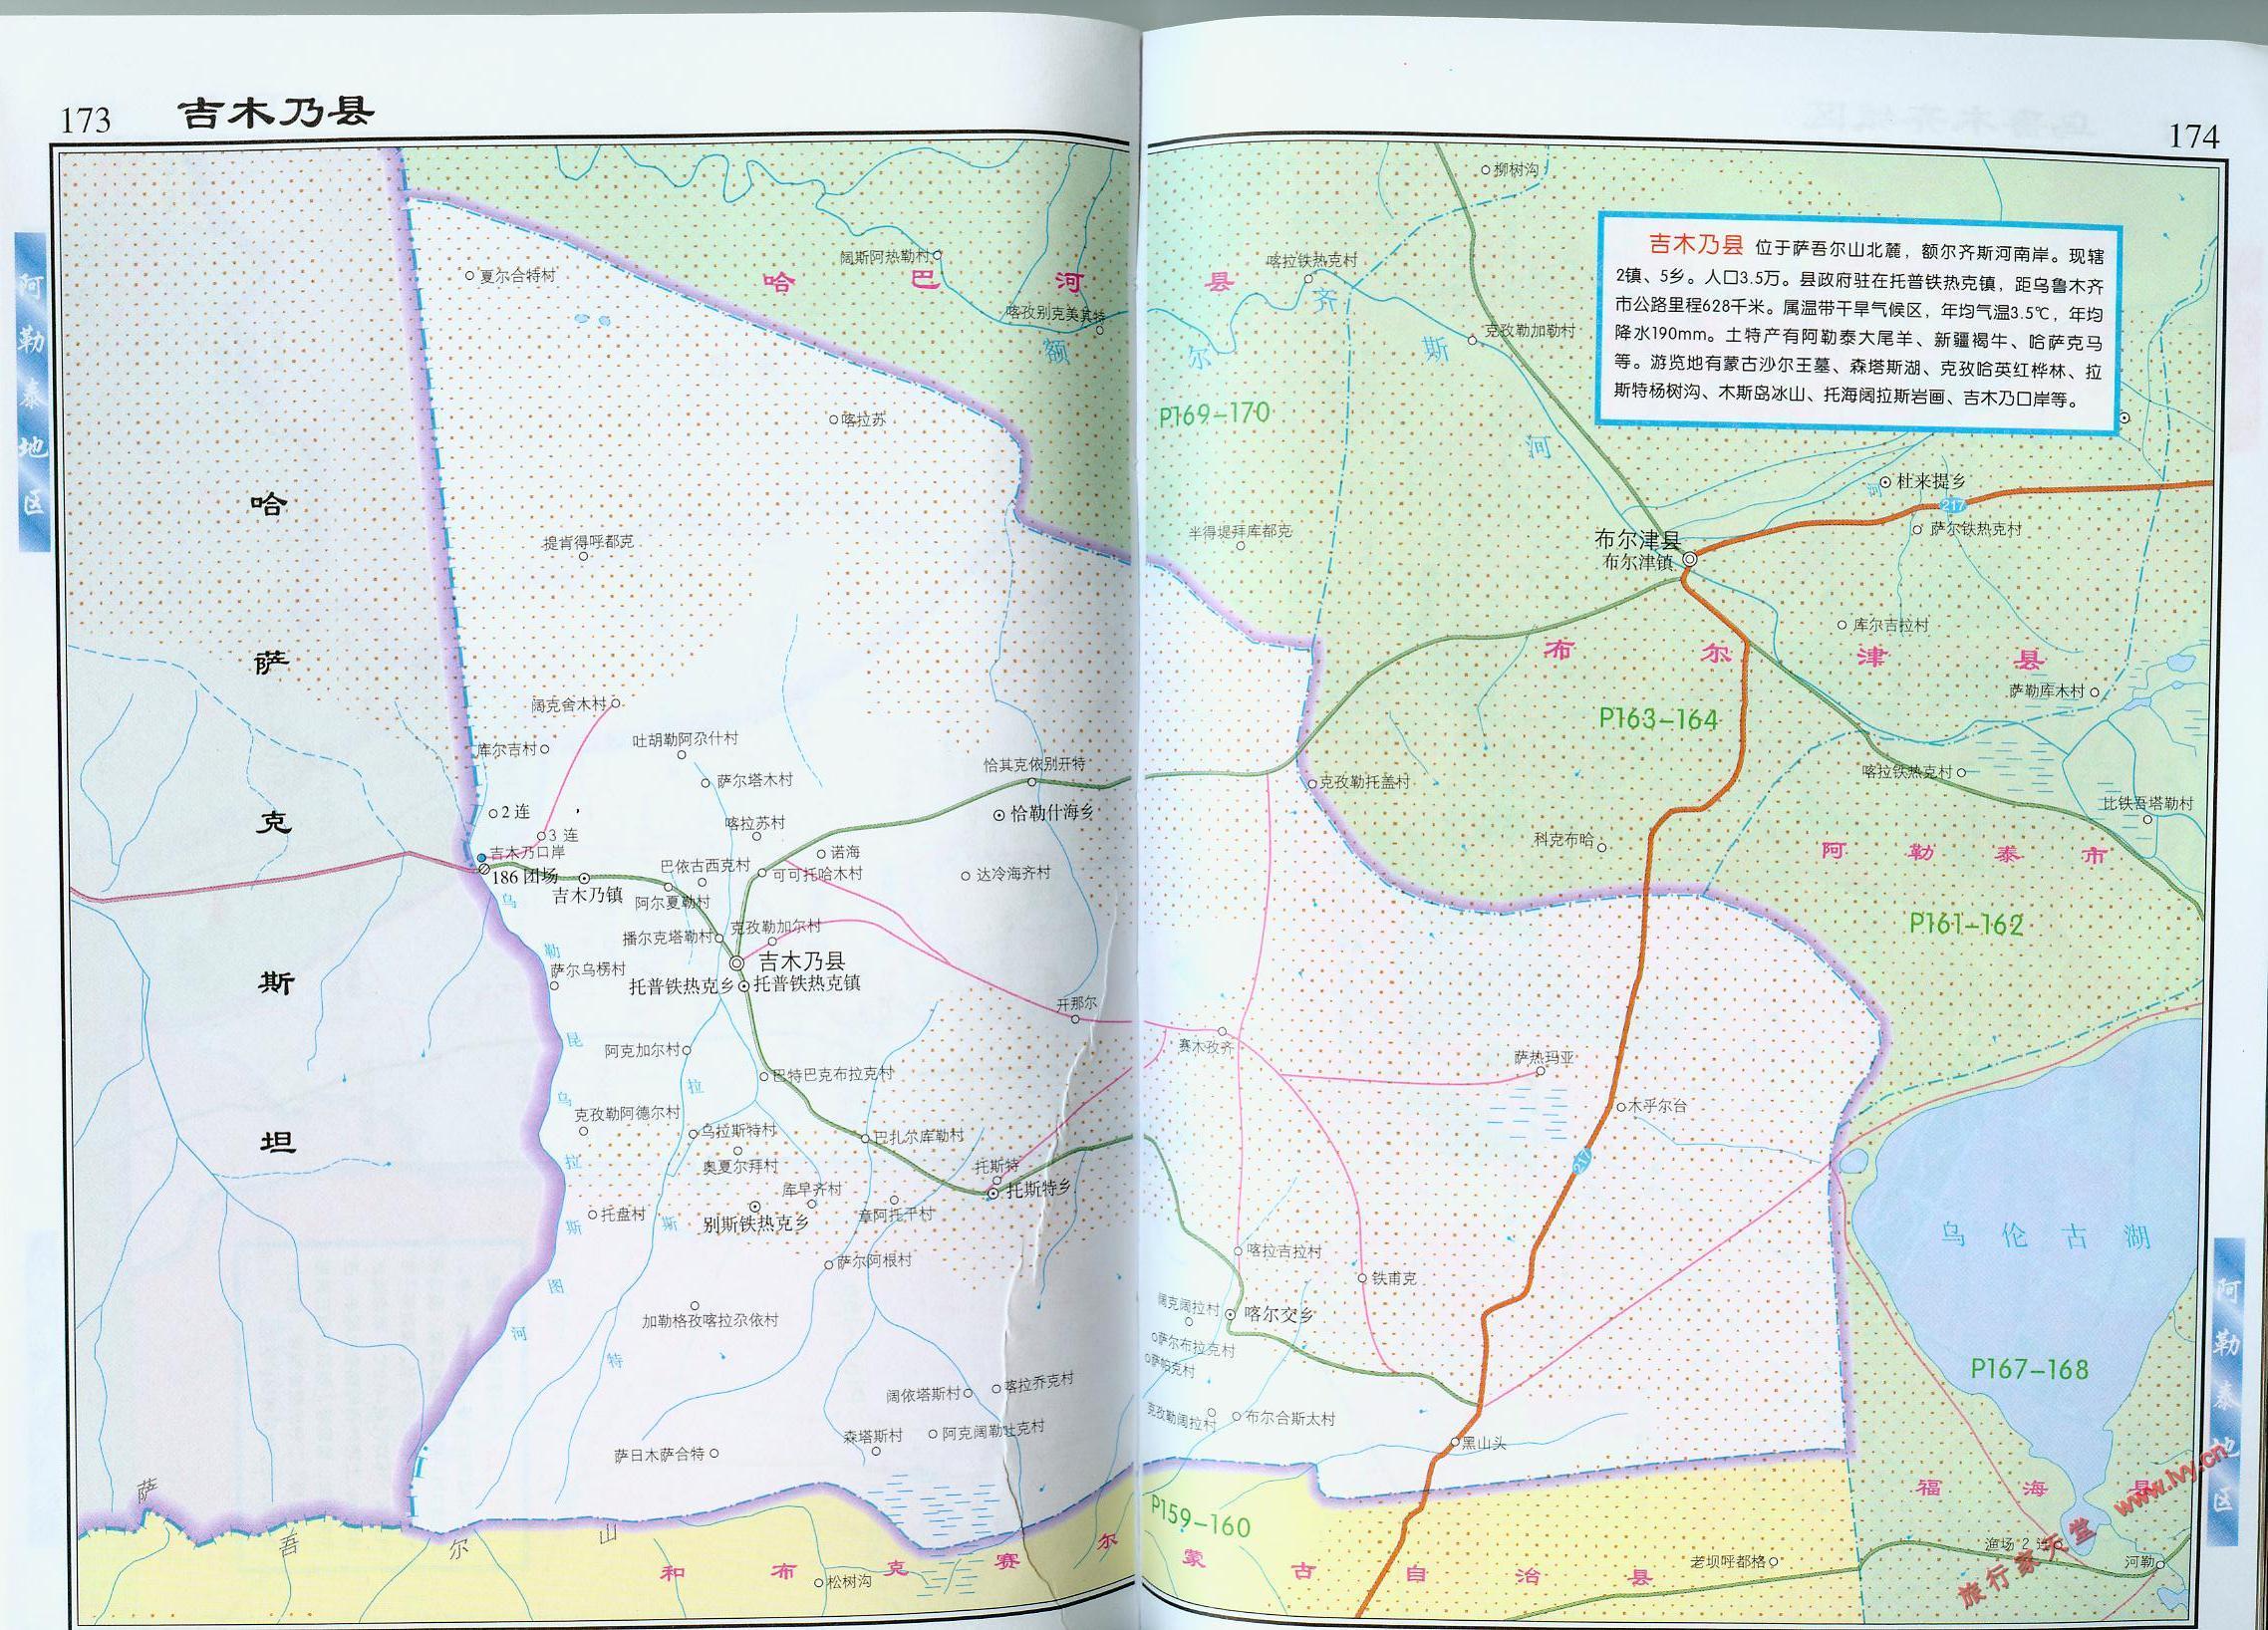 吉木乃县地图高清版